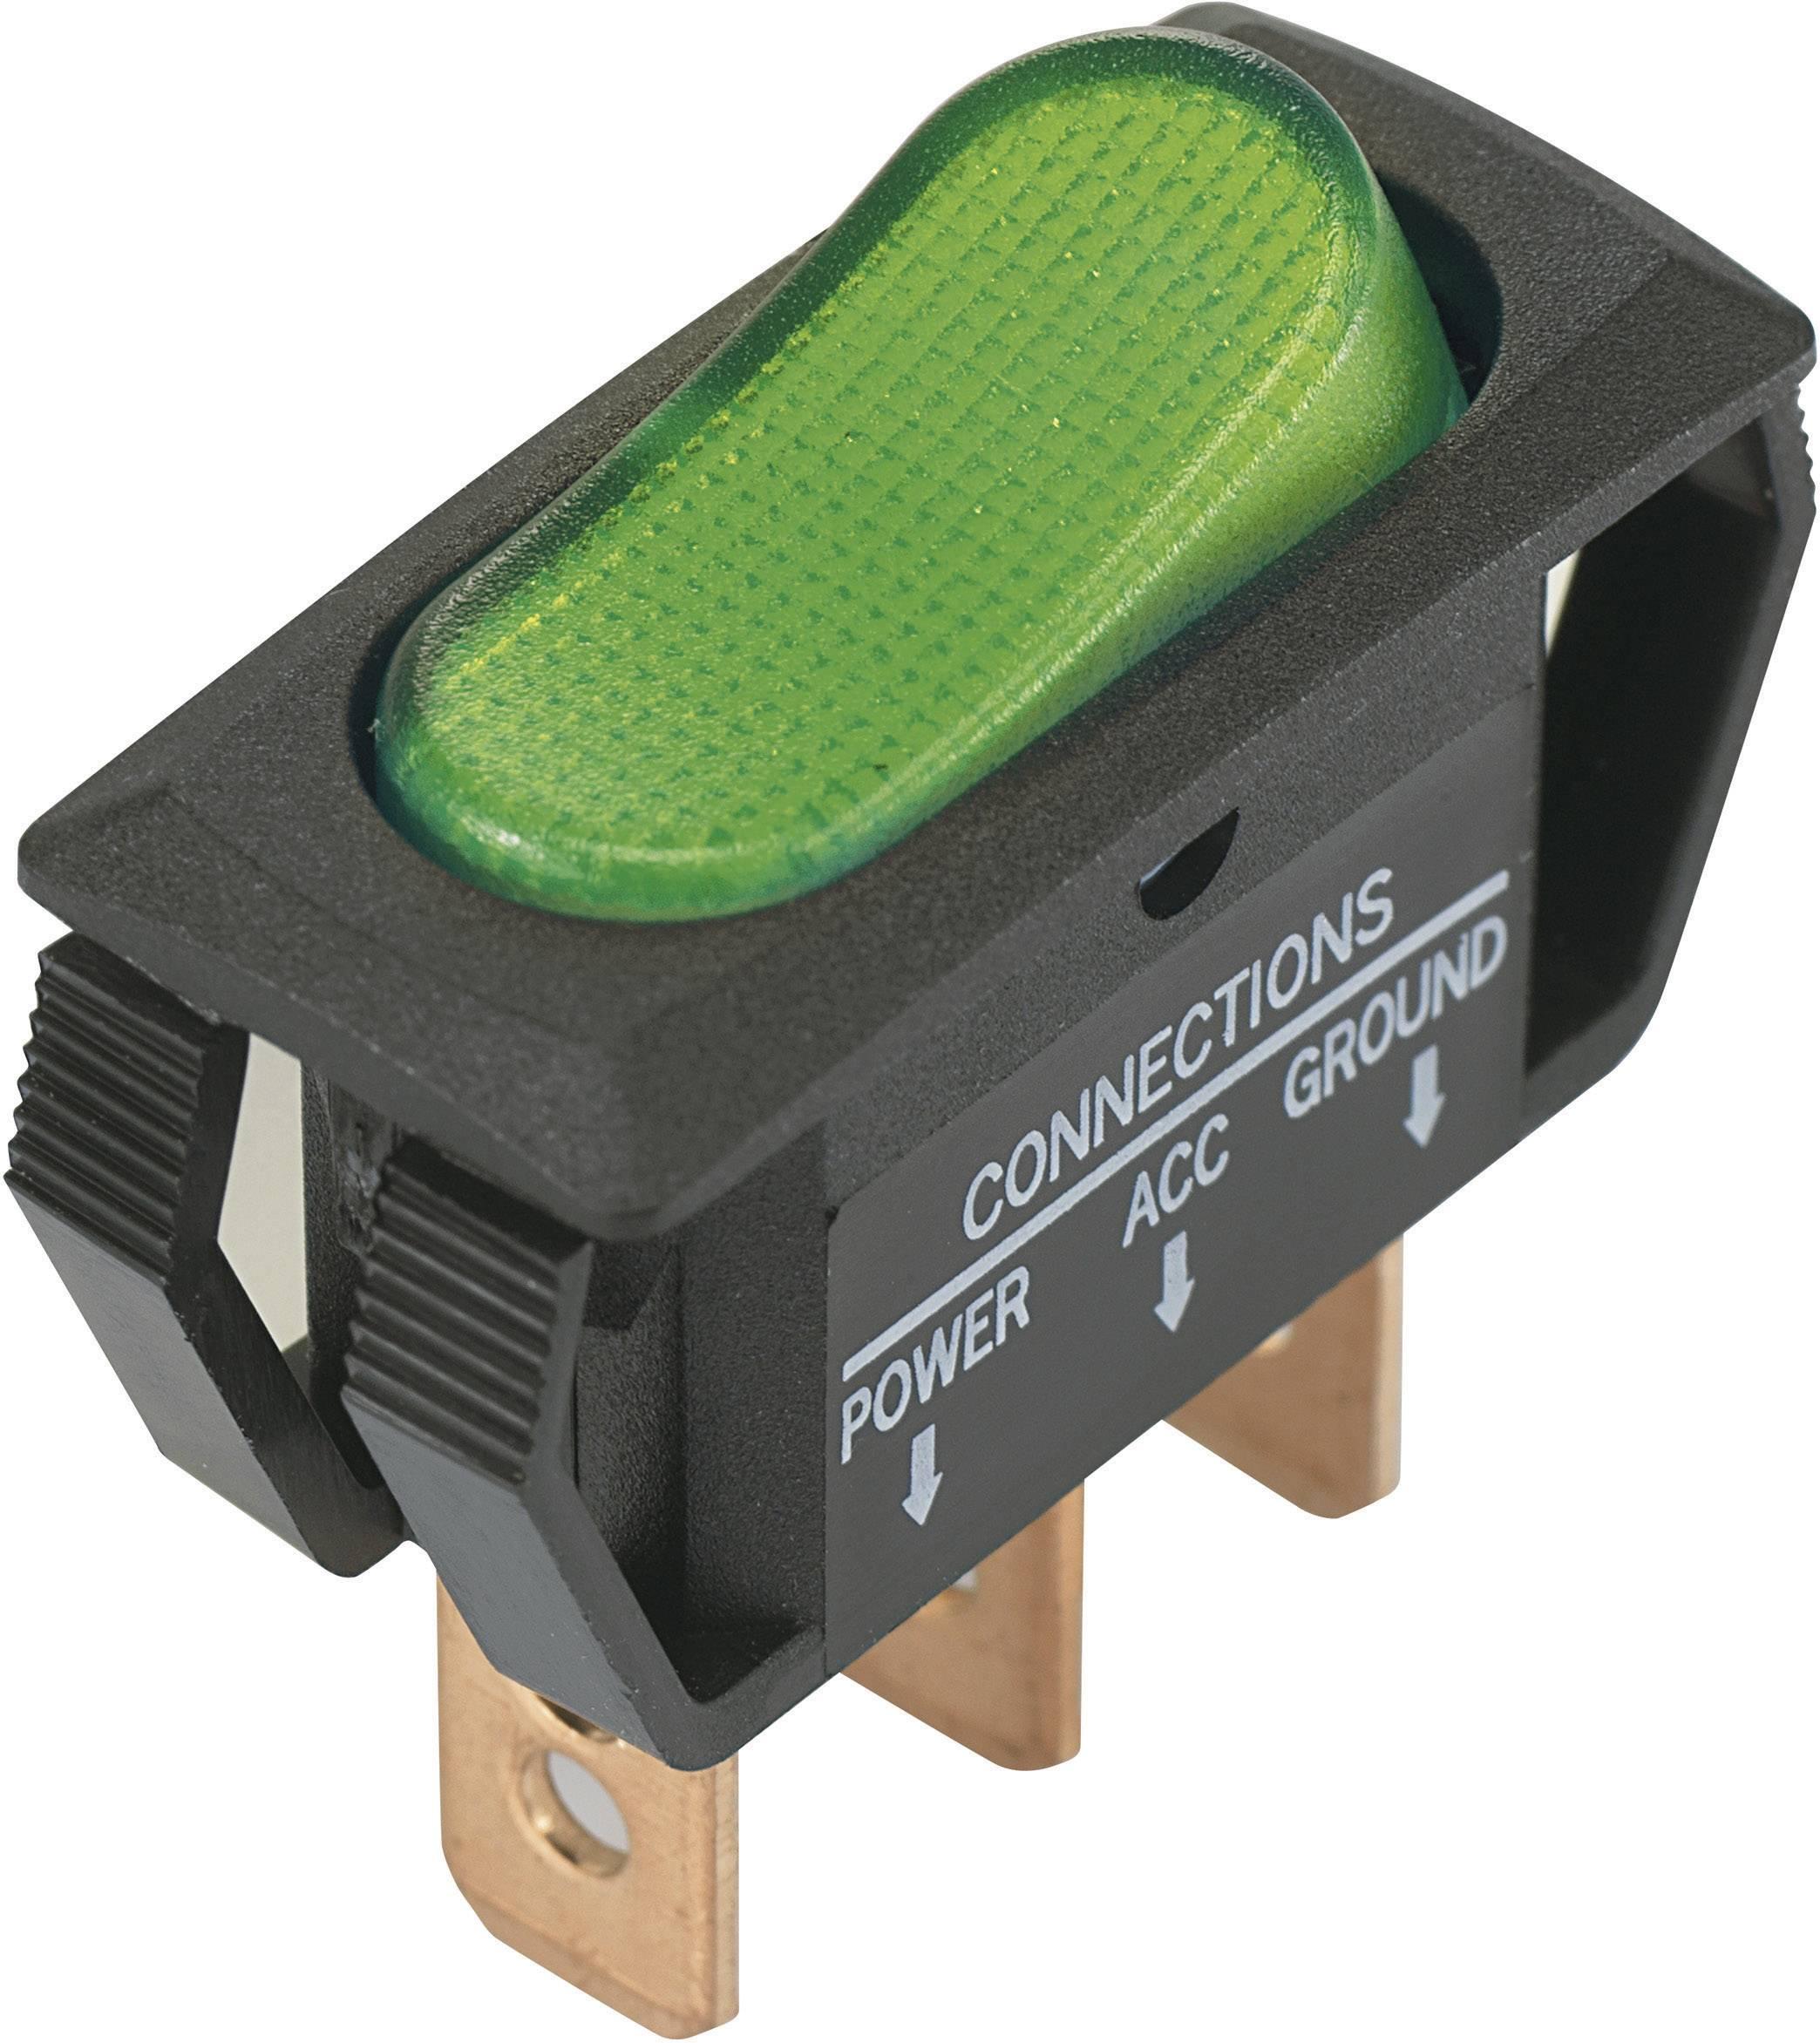 Kolískový spínač s aretáciou SCI R13-242B2, 12 V/DC, 25 A, 1x vyp/zap, Farba svetla: zelená, 1 ks